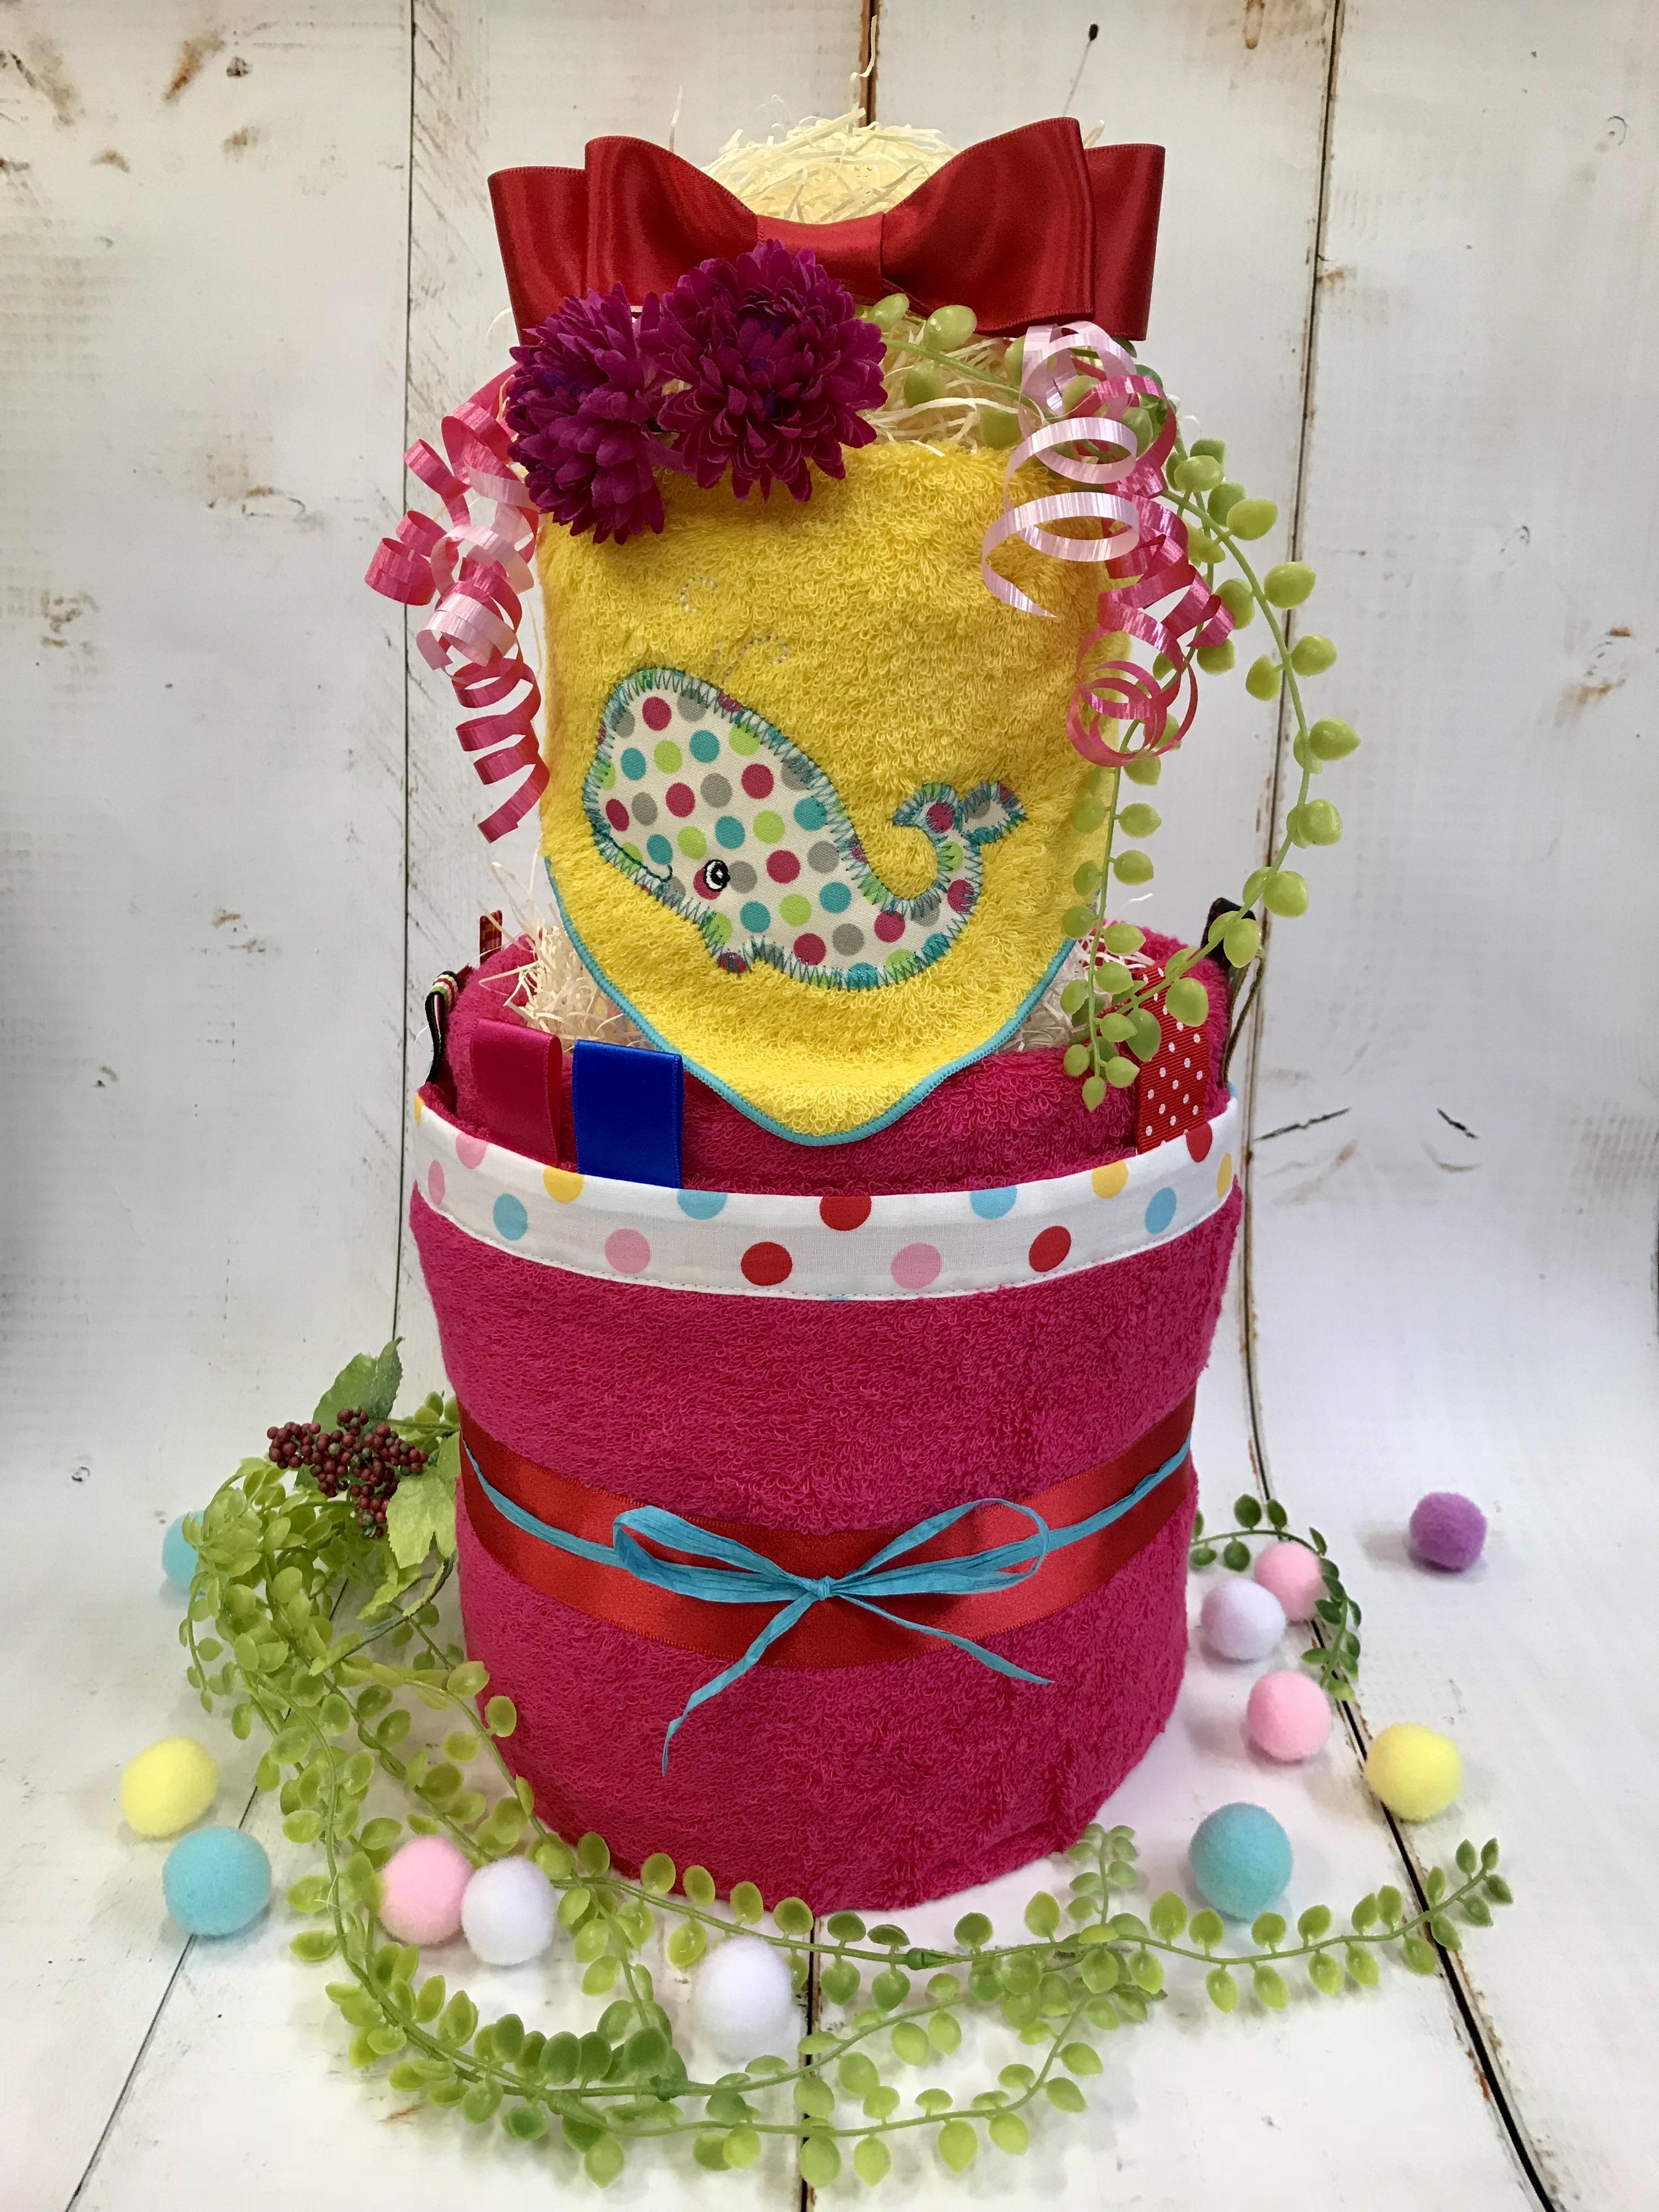 今治タオル フード付きバスタオル  おむつケーキ  おむつケーキ  出産祝い ギフト オシャレ 個性的  かわいい  キャラクター